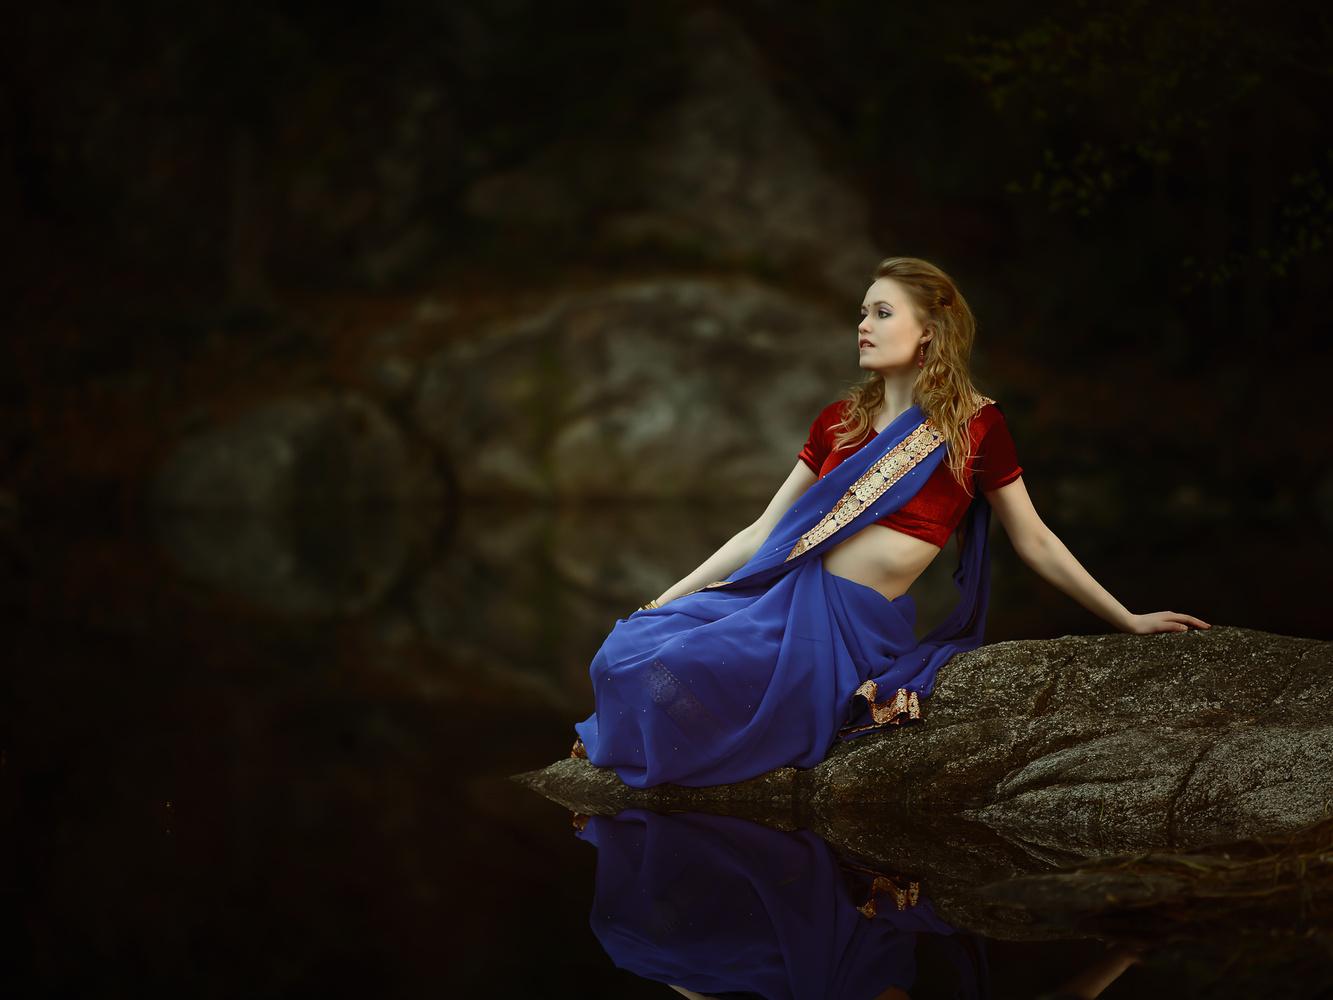 Lakeside by Janne Kaasalainen